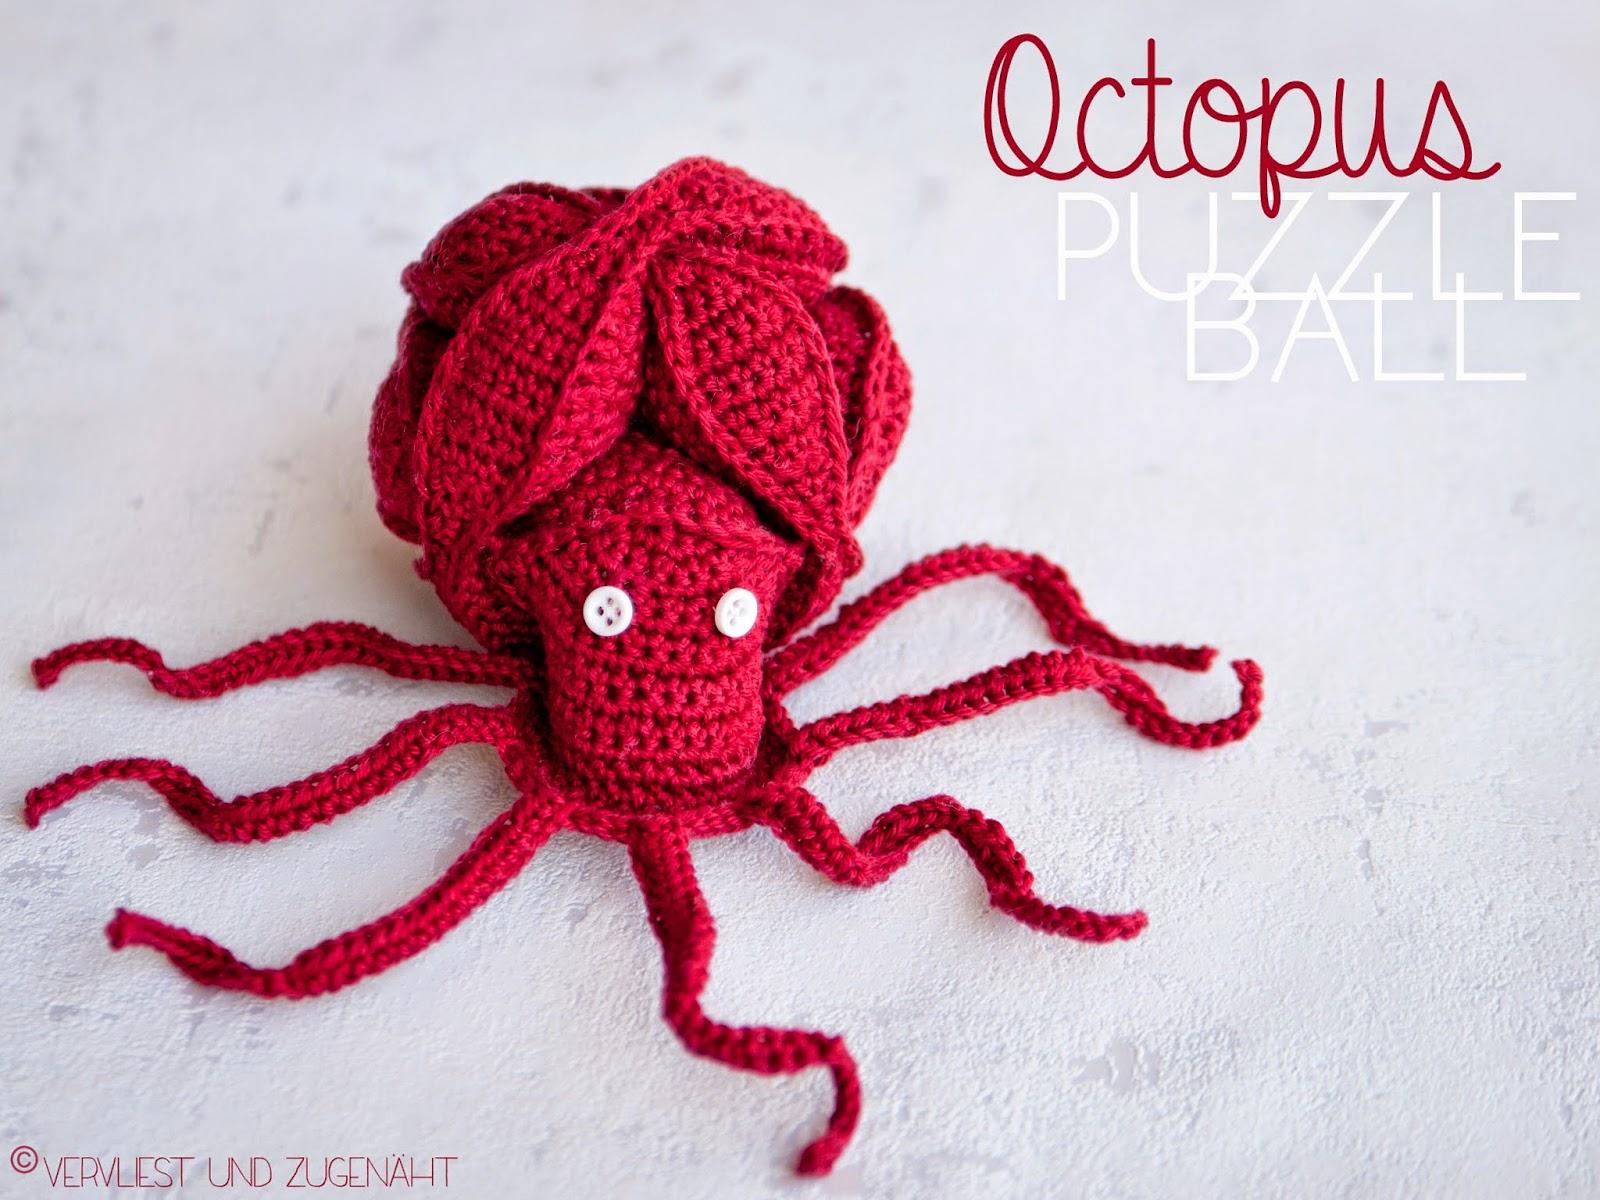 Vervliest und zugenäht: Amish Octopus Puzzle Ball